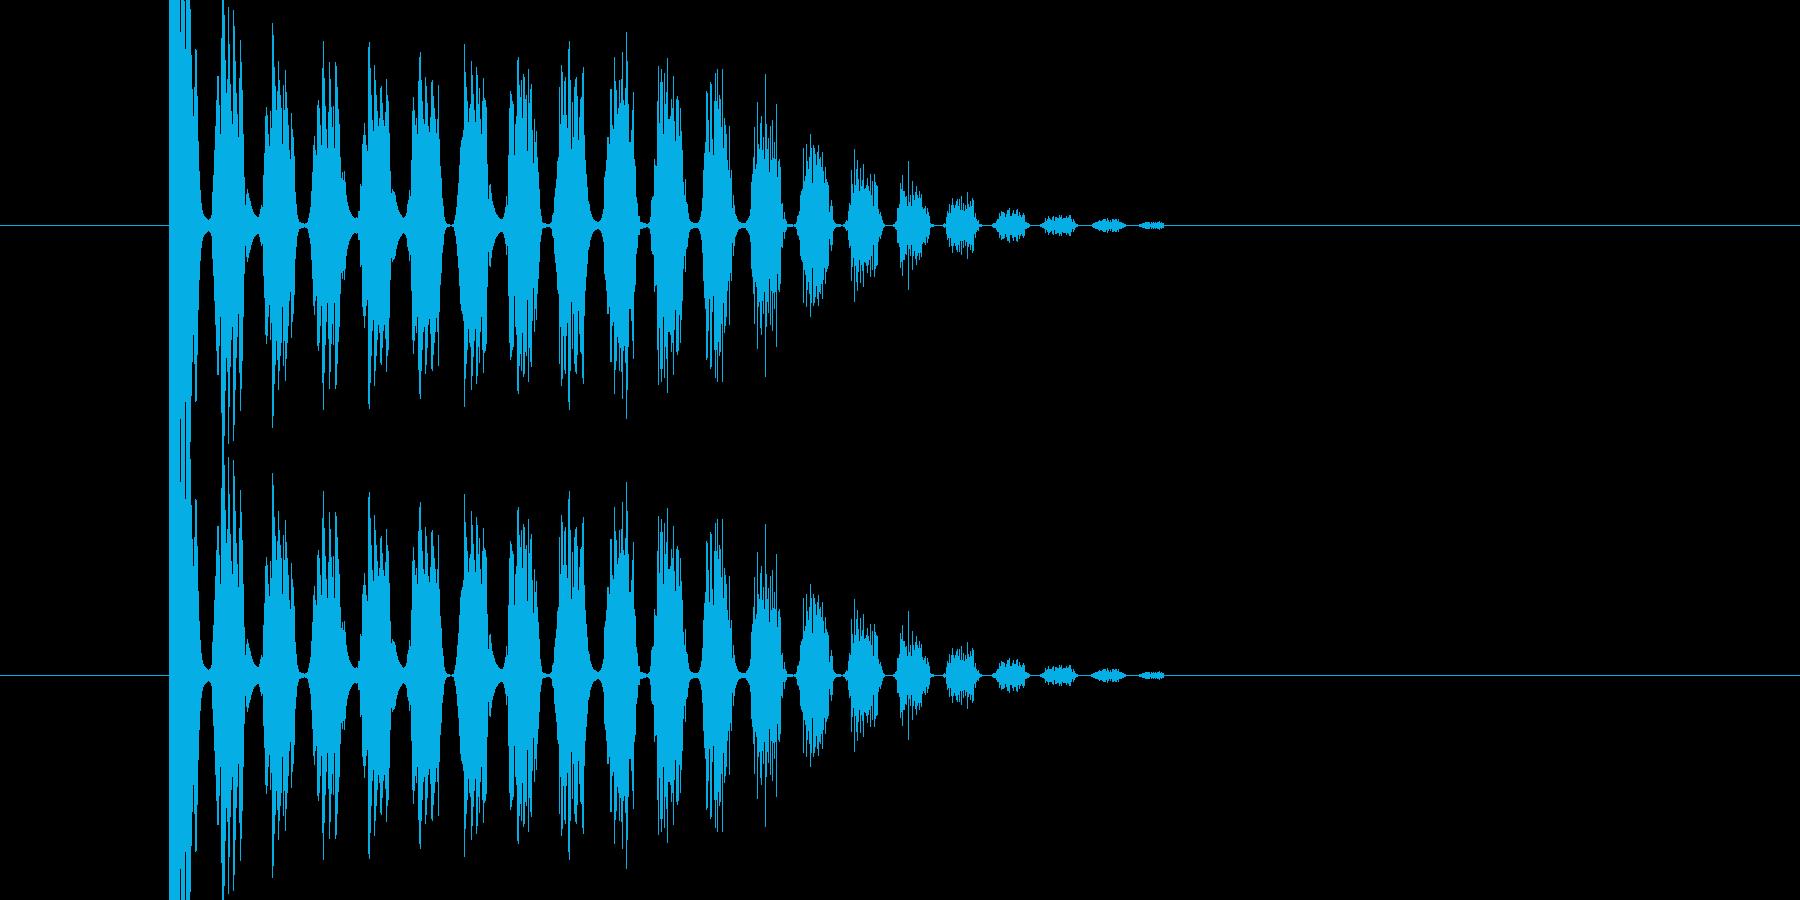 バシ ドン なパンチ、キックの打撃音03の再生済みの波形